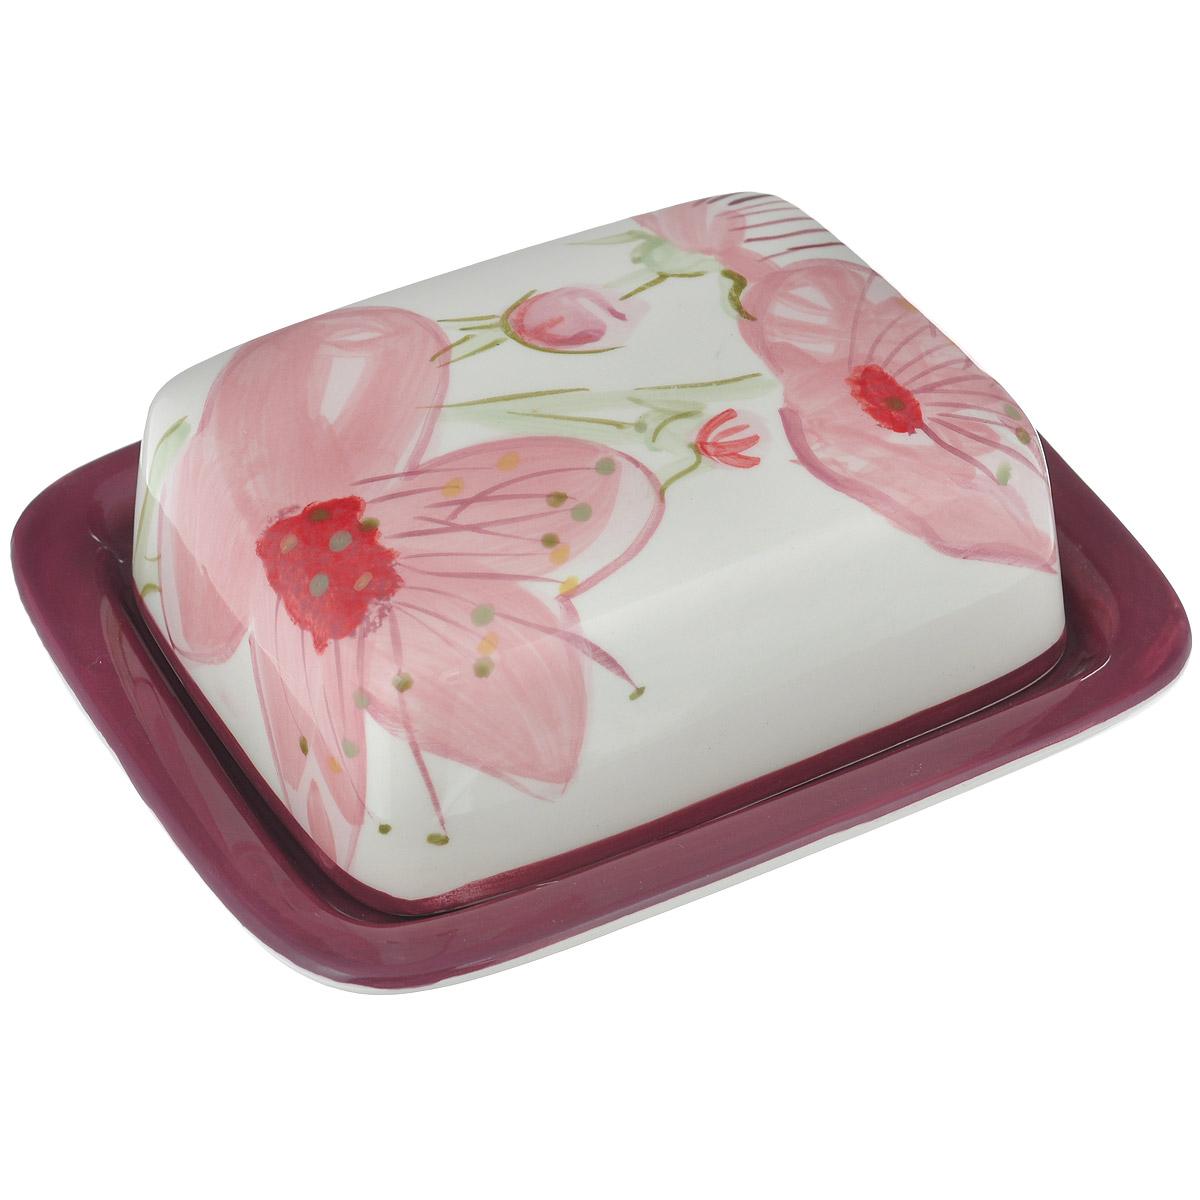 Масленка Вишня, 17,5 х 14,5 см115510Масленка Вишня, выполненная из высококачественной керамики, предназначена для красивой сервировки и хранения масла. Она состоит из подноса и крышки, оформленных изображением цветков вишни. Поднос имеет специальные выемки, благодаря которым крышка легко на него устанавливается. Масло в такой масленке долго остается свежим, а при хранении в холодильнике не впитывает посторонние запахи. Масленка Вишня станет незаменимой на вашей кухне.Размер подноса: 20 см х 12 см.Размер крышки: 13,8 см х 11 см х 4,5 см.